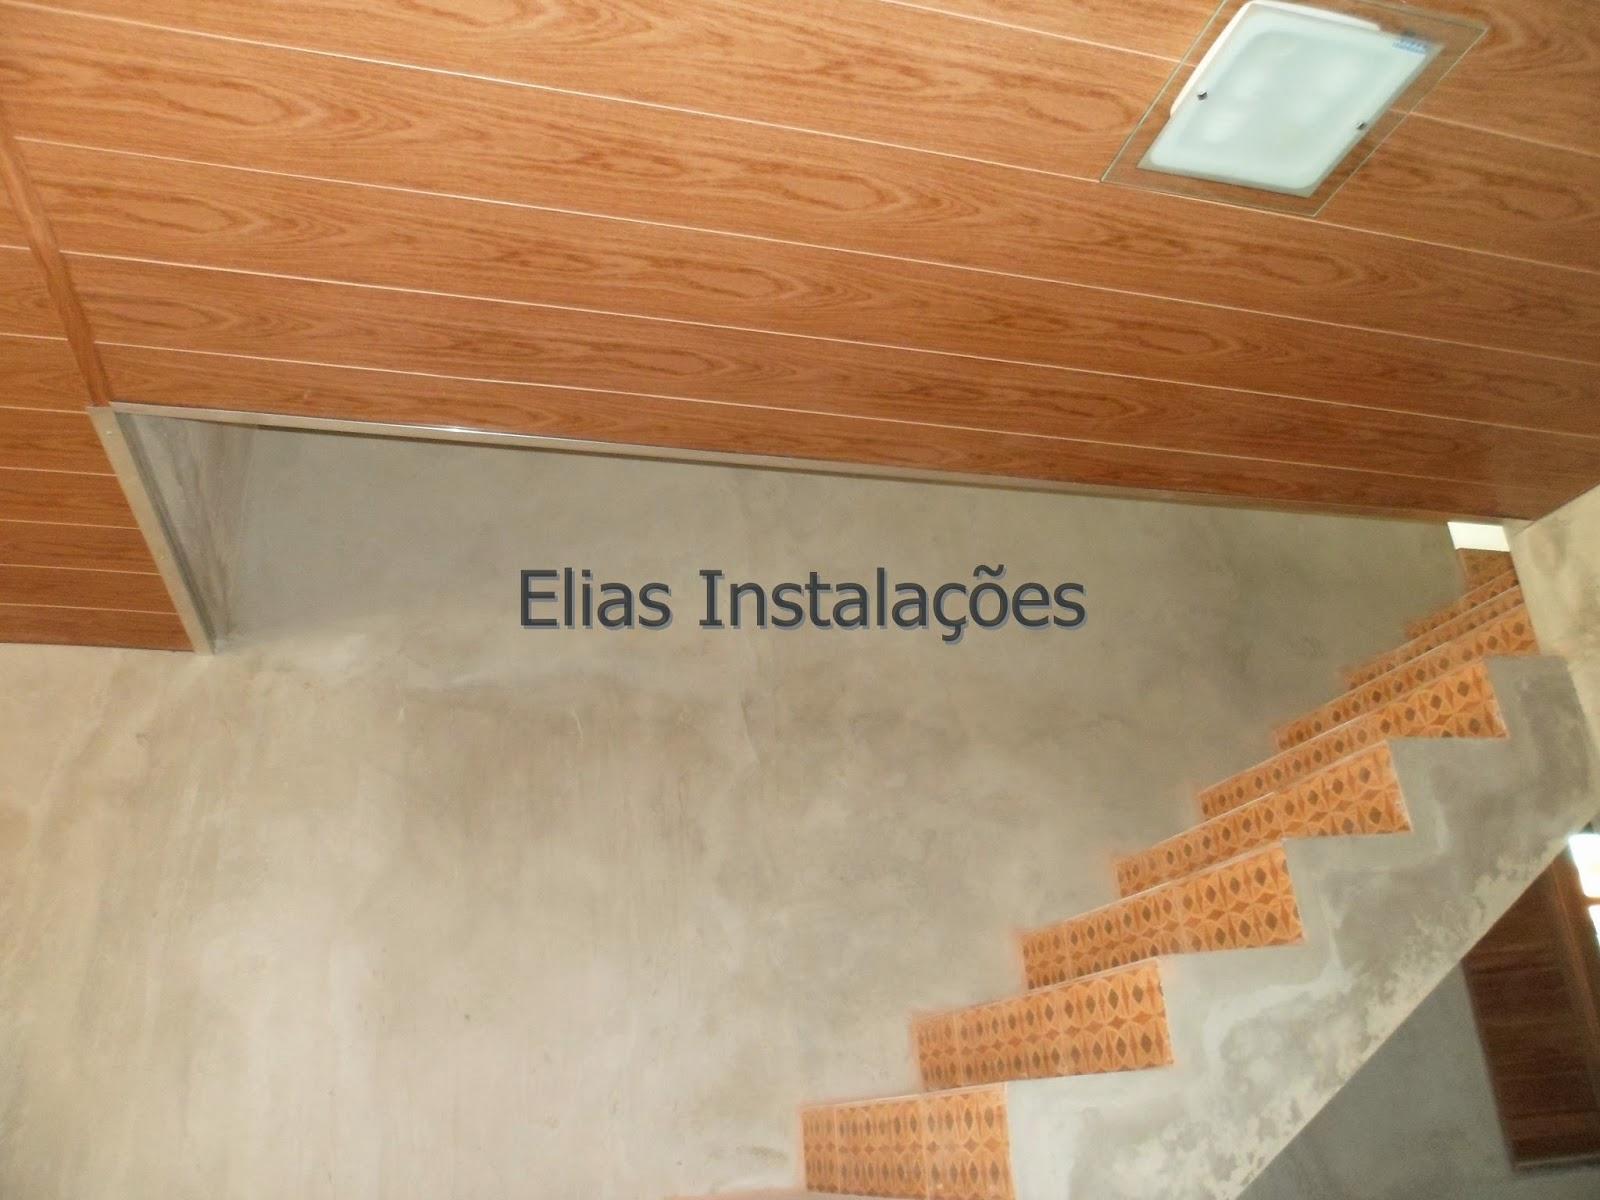 #814A22  da casa inteira com o forro que imita madeira é só CLICAR AQUI 1870 Janela De Aluminio Que Imita Madeira